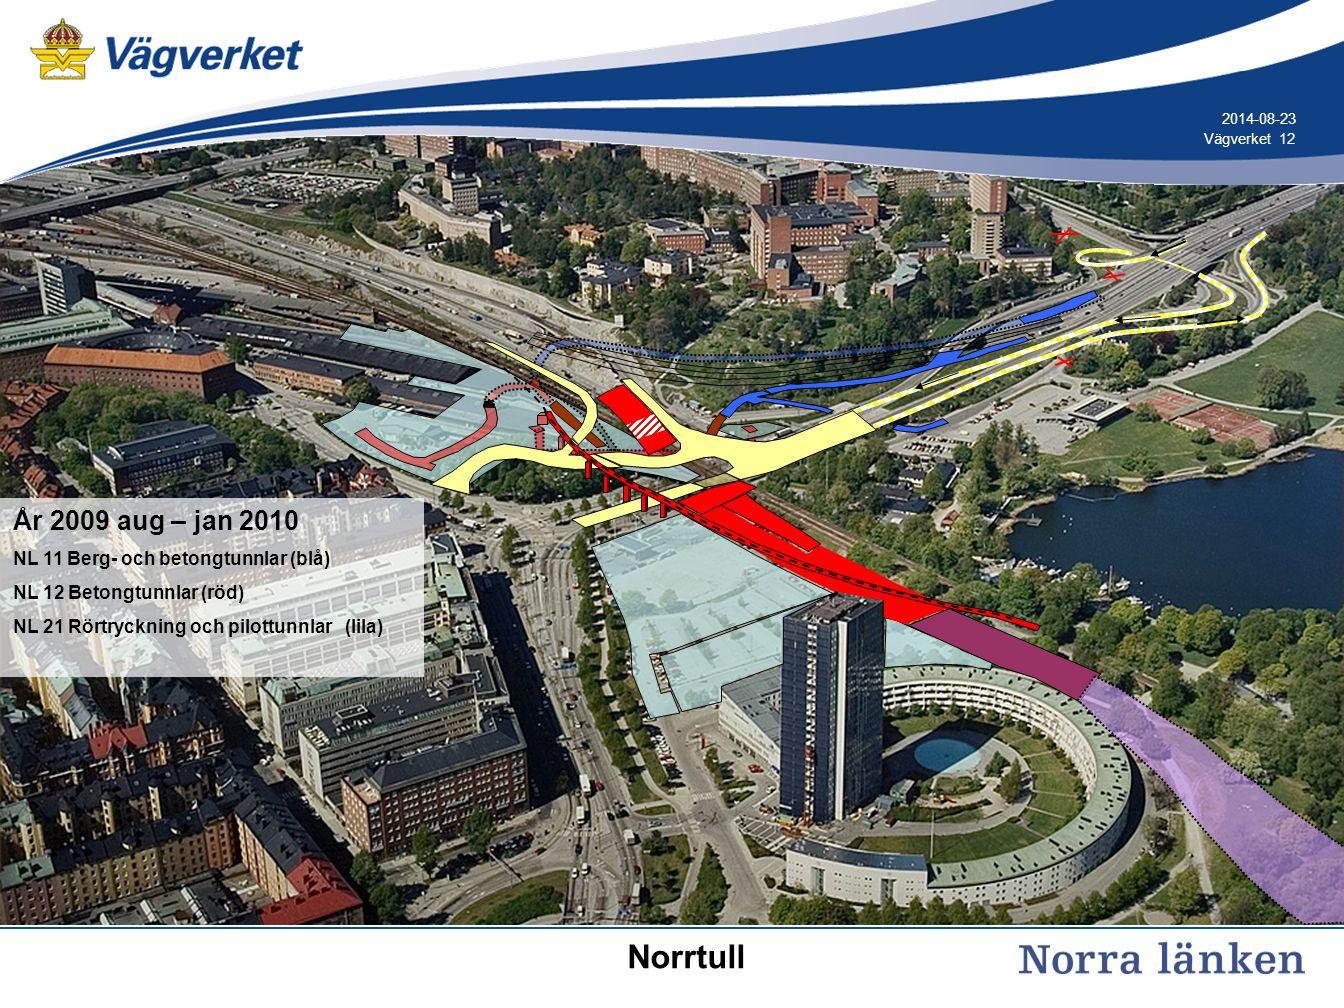 12 Vägverket 2014-08-23 År 2009 aug – jan 2010 NL 11 Berg- och betongtunnlar (blå) NL 12 Betongtunnlar (röd) NL 21 Rörtryckning och pilottunnlar (lila